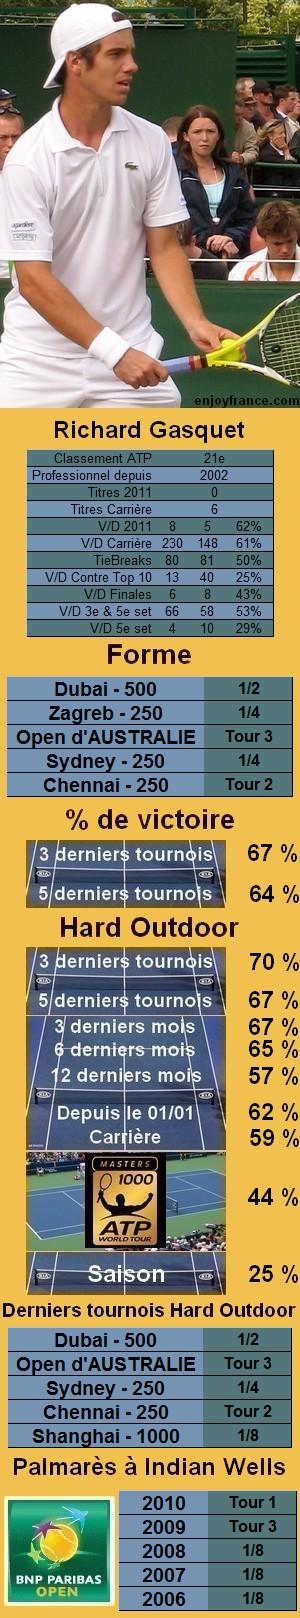 Les statistiques tennis de Richard Gasquet pour le tournoi de Indian Wells